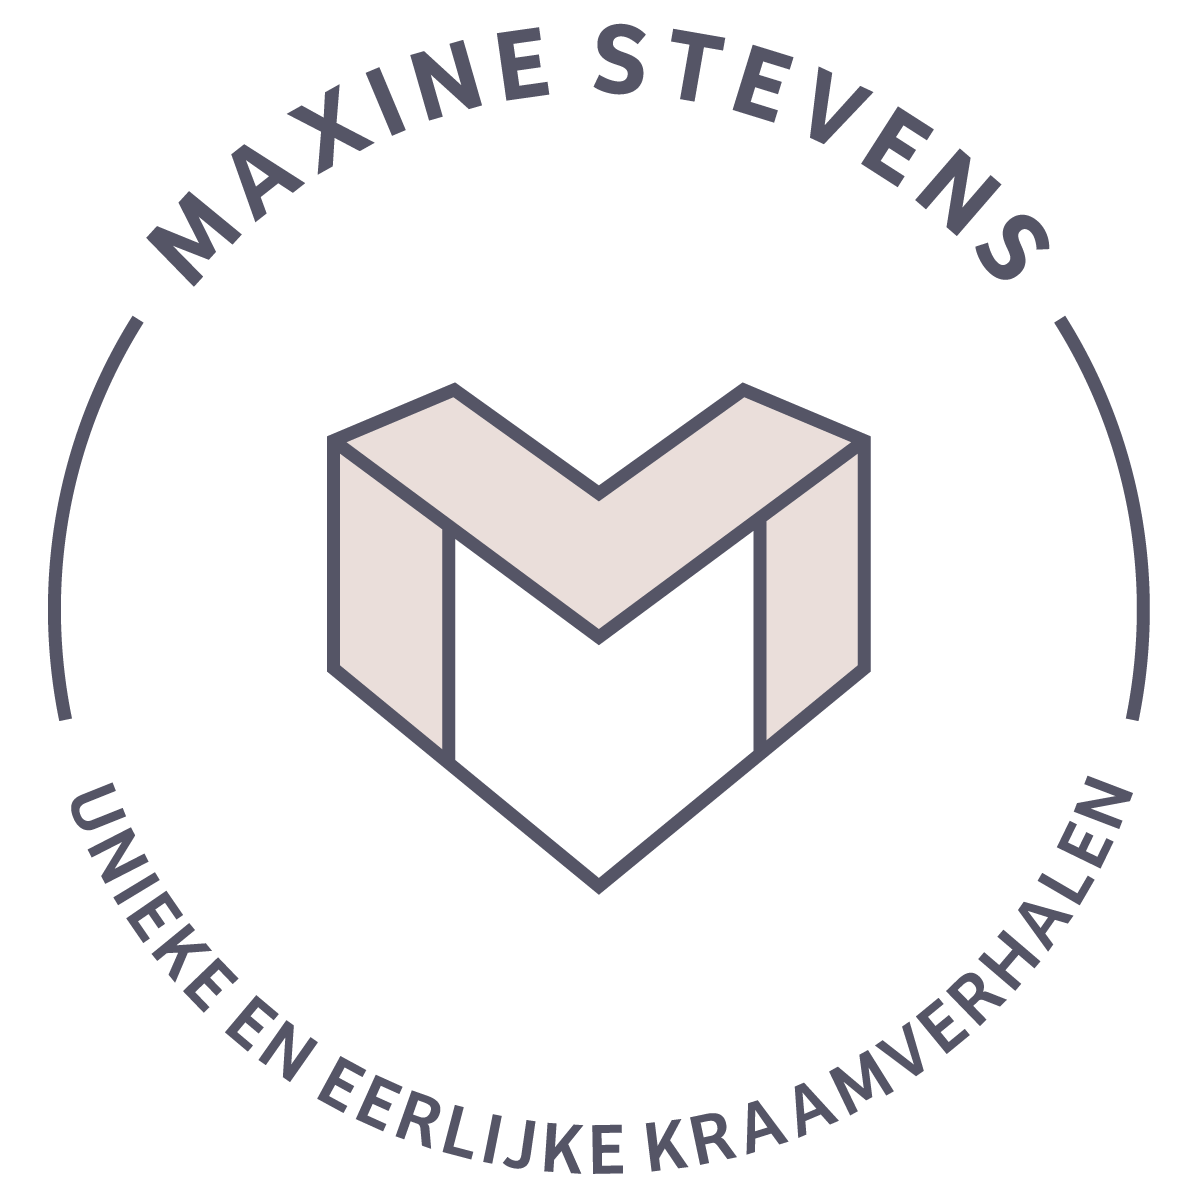 Logo_MaxineStevens_kleur.png